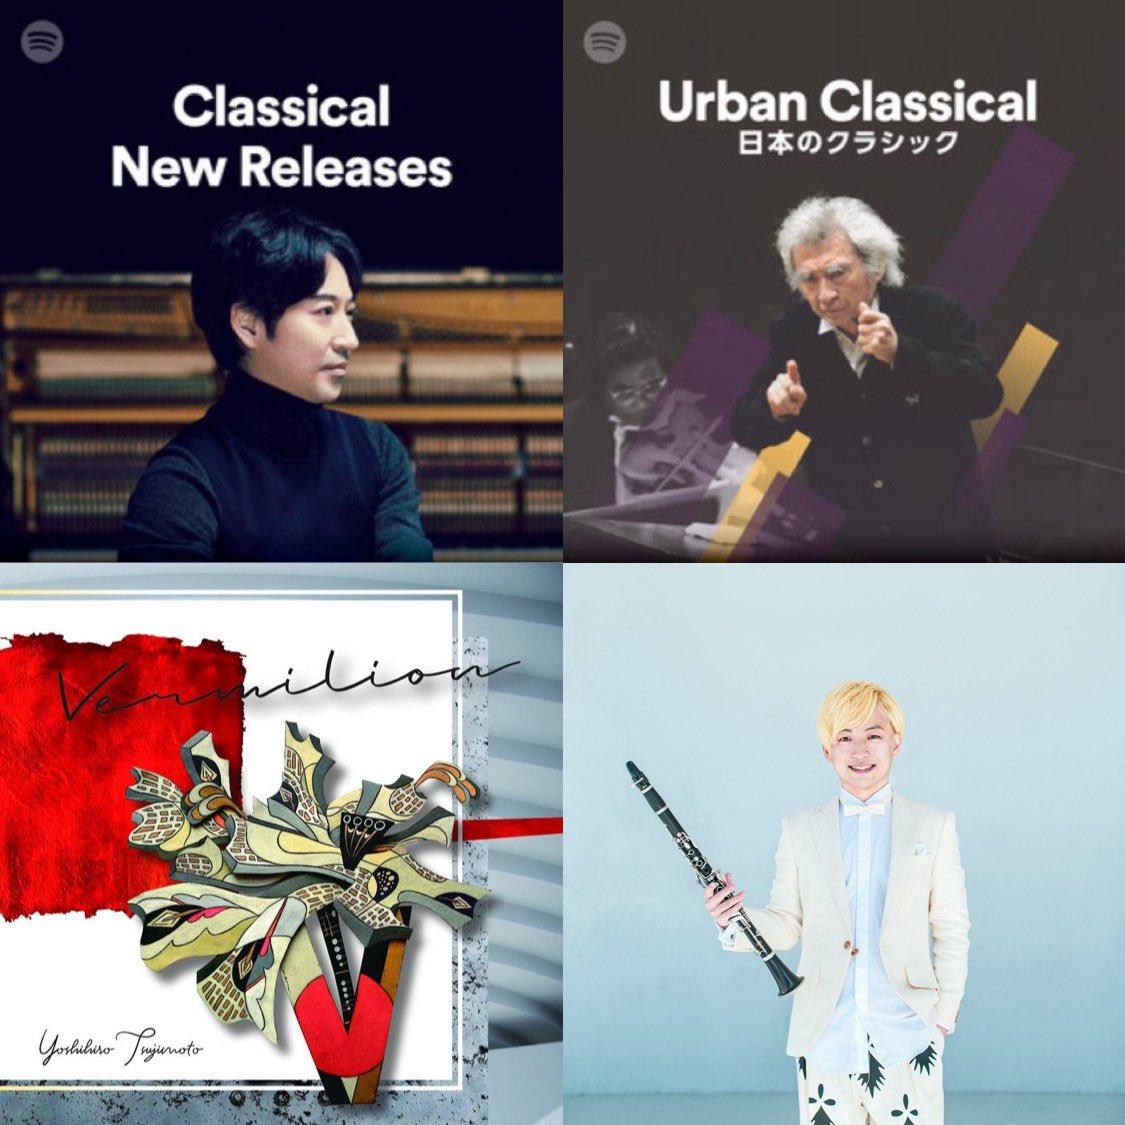 #辻本美博 「Csardas」が2つの #Spotify 公式プレイリストに選曲されました!Vittorio Montiの名曲をクラリネットカバー。クラシックとジャズがクロスオーバーしたスムースな1曲です!@SpotifyJP Classical New ReleaseUrban Classical